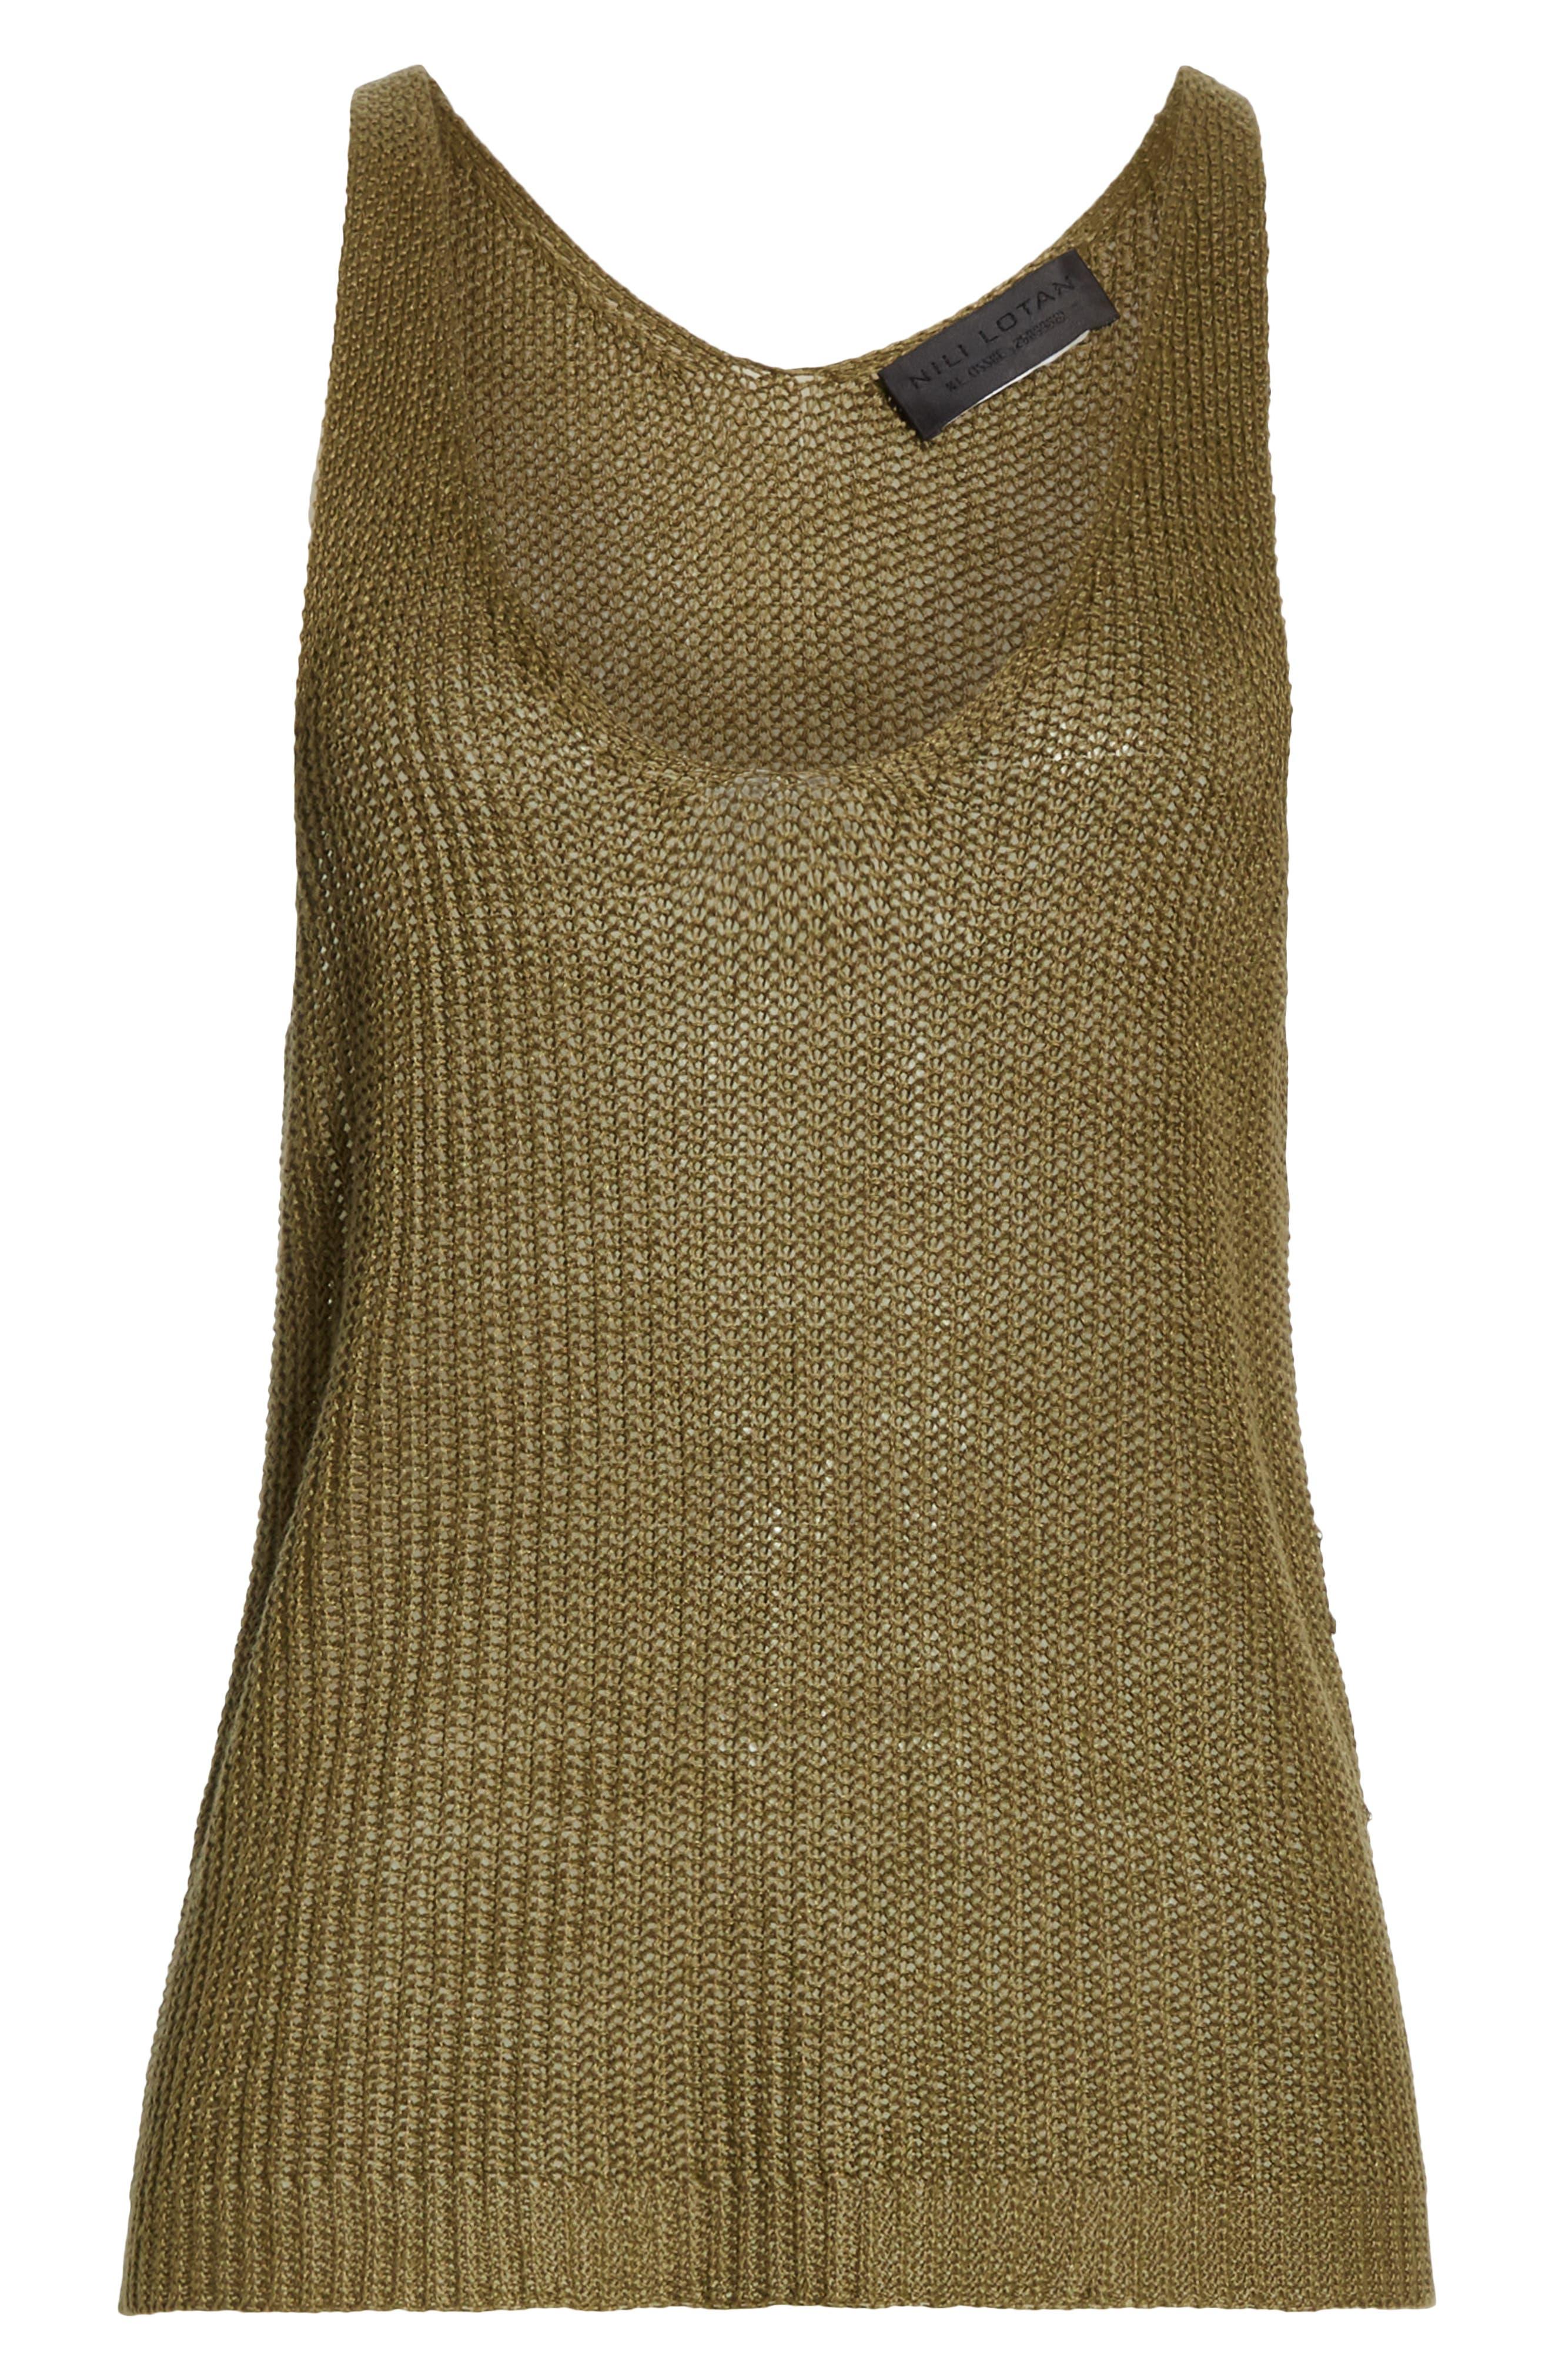 NILI LOTAN, Nala Linen Sweater Tank, Alternate thumbnail 6, color, OLIVE